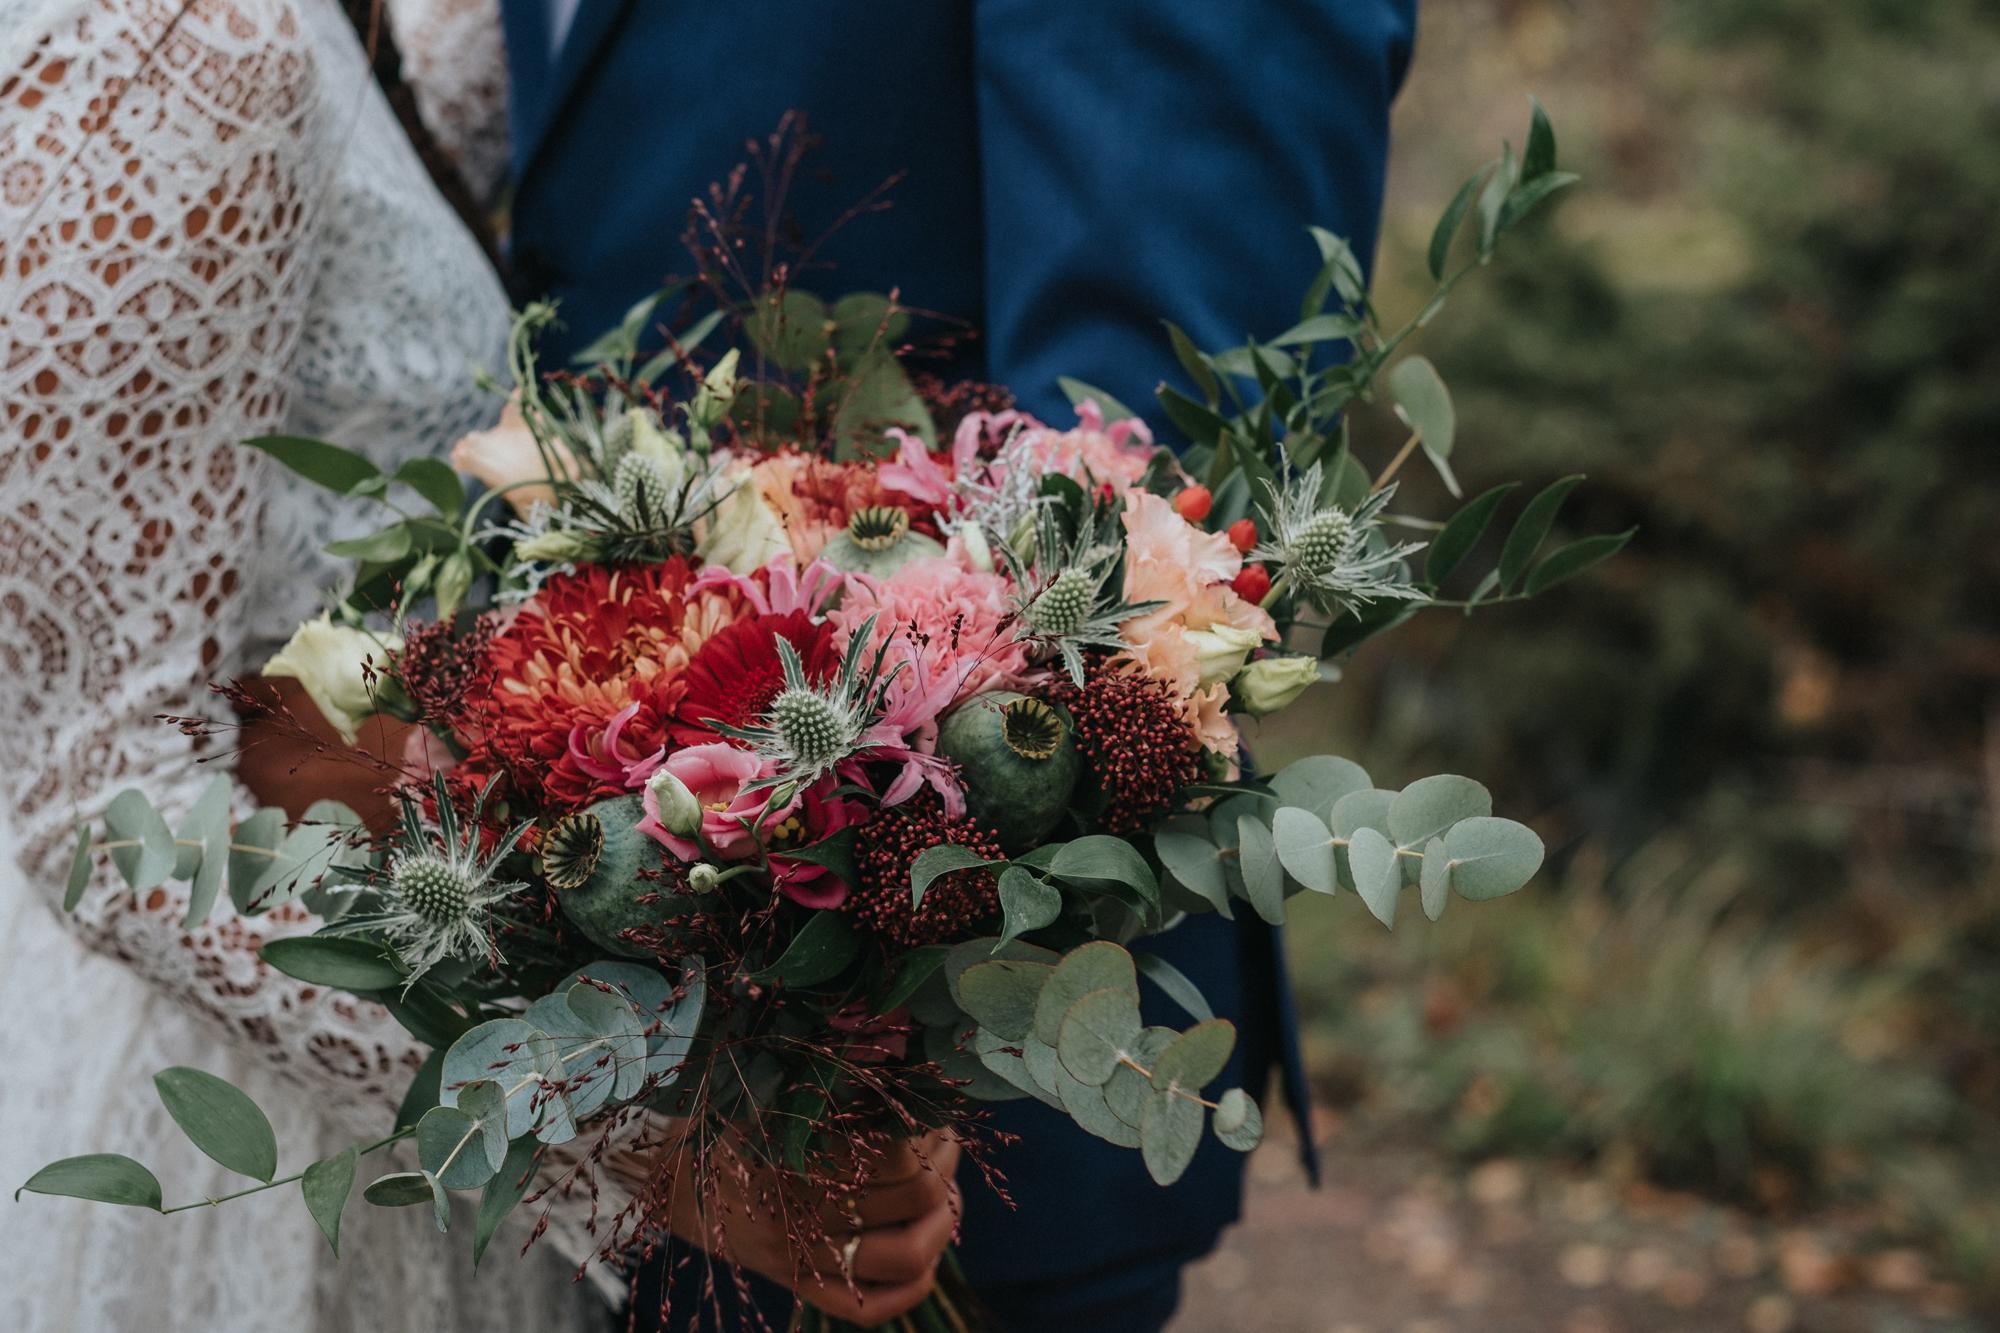 023-bröllopsfotograf-uppsala-neas-fotografi.jpg